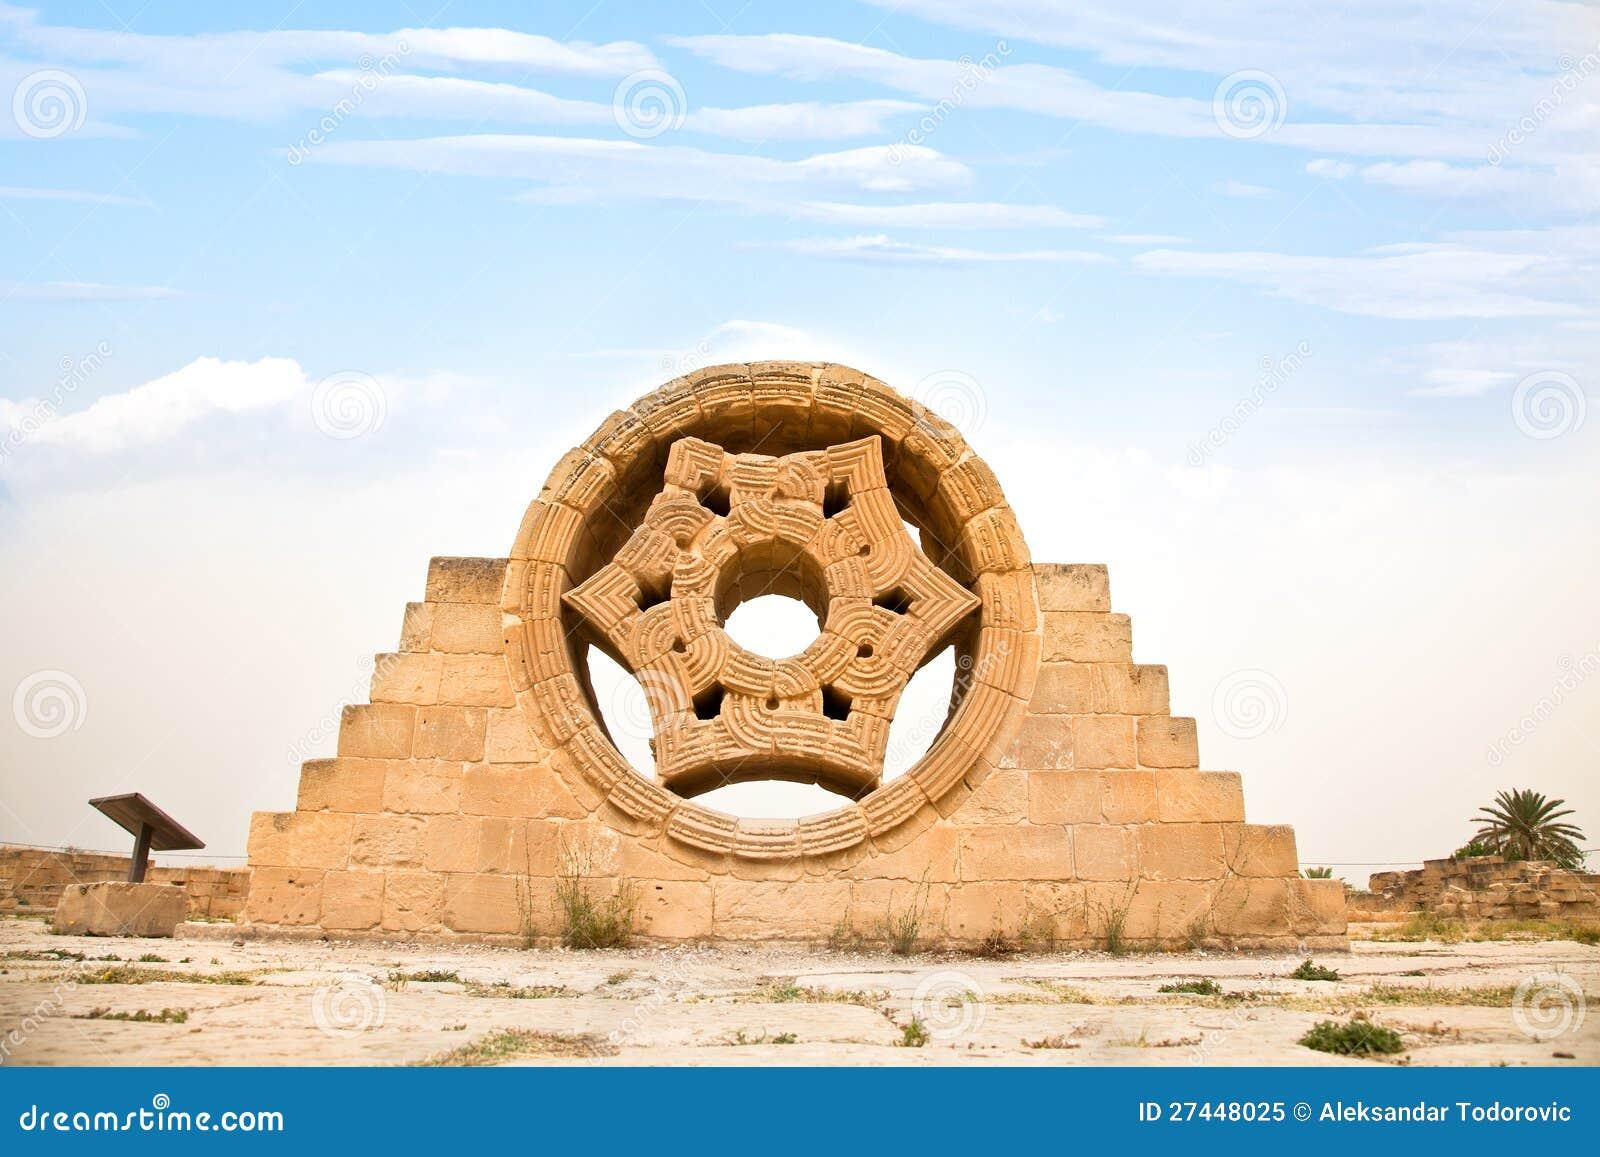 Παλάτι του Hisham στο Jericho. Ισραήλ